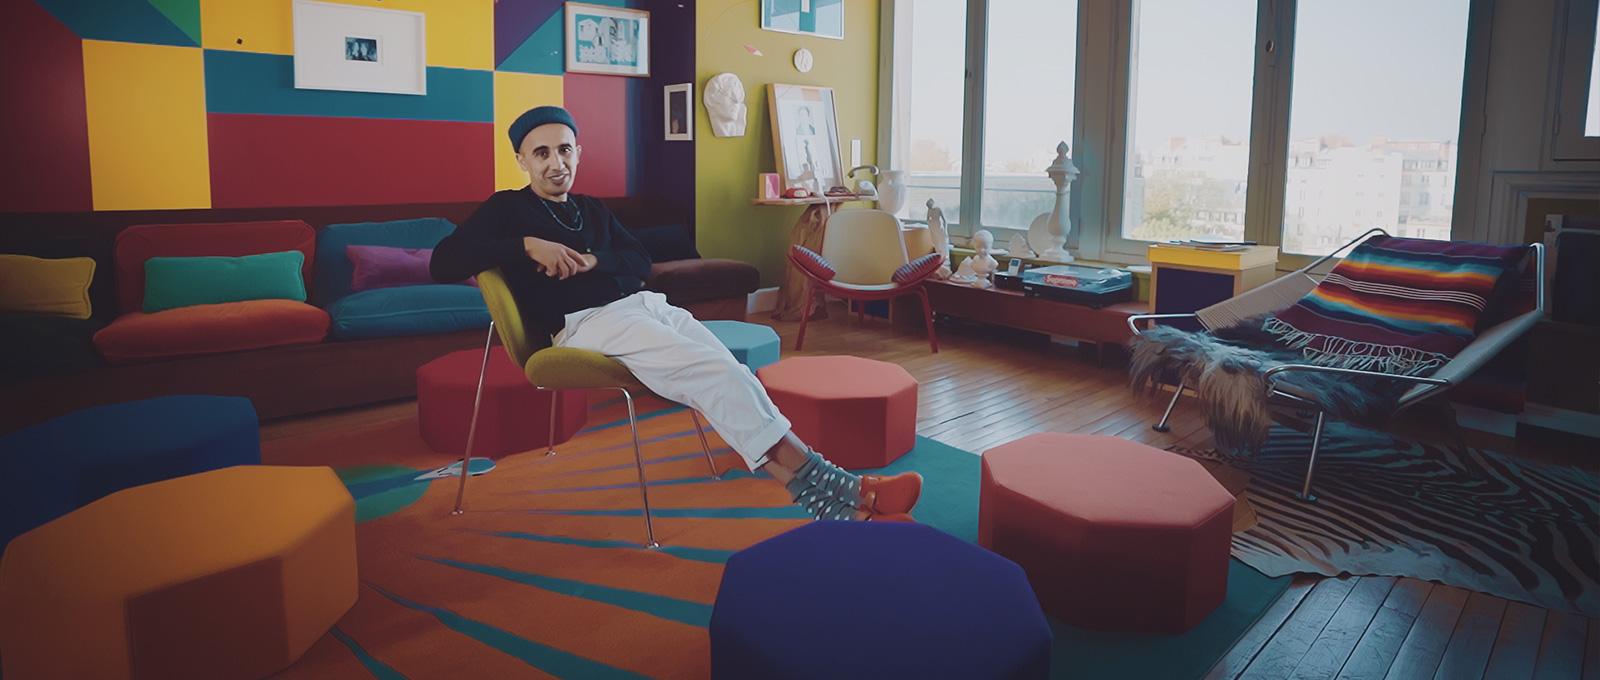 Ramdane Touhami at home in Birkenstocks